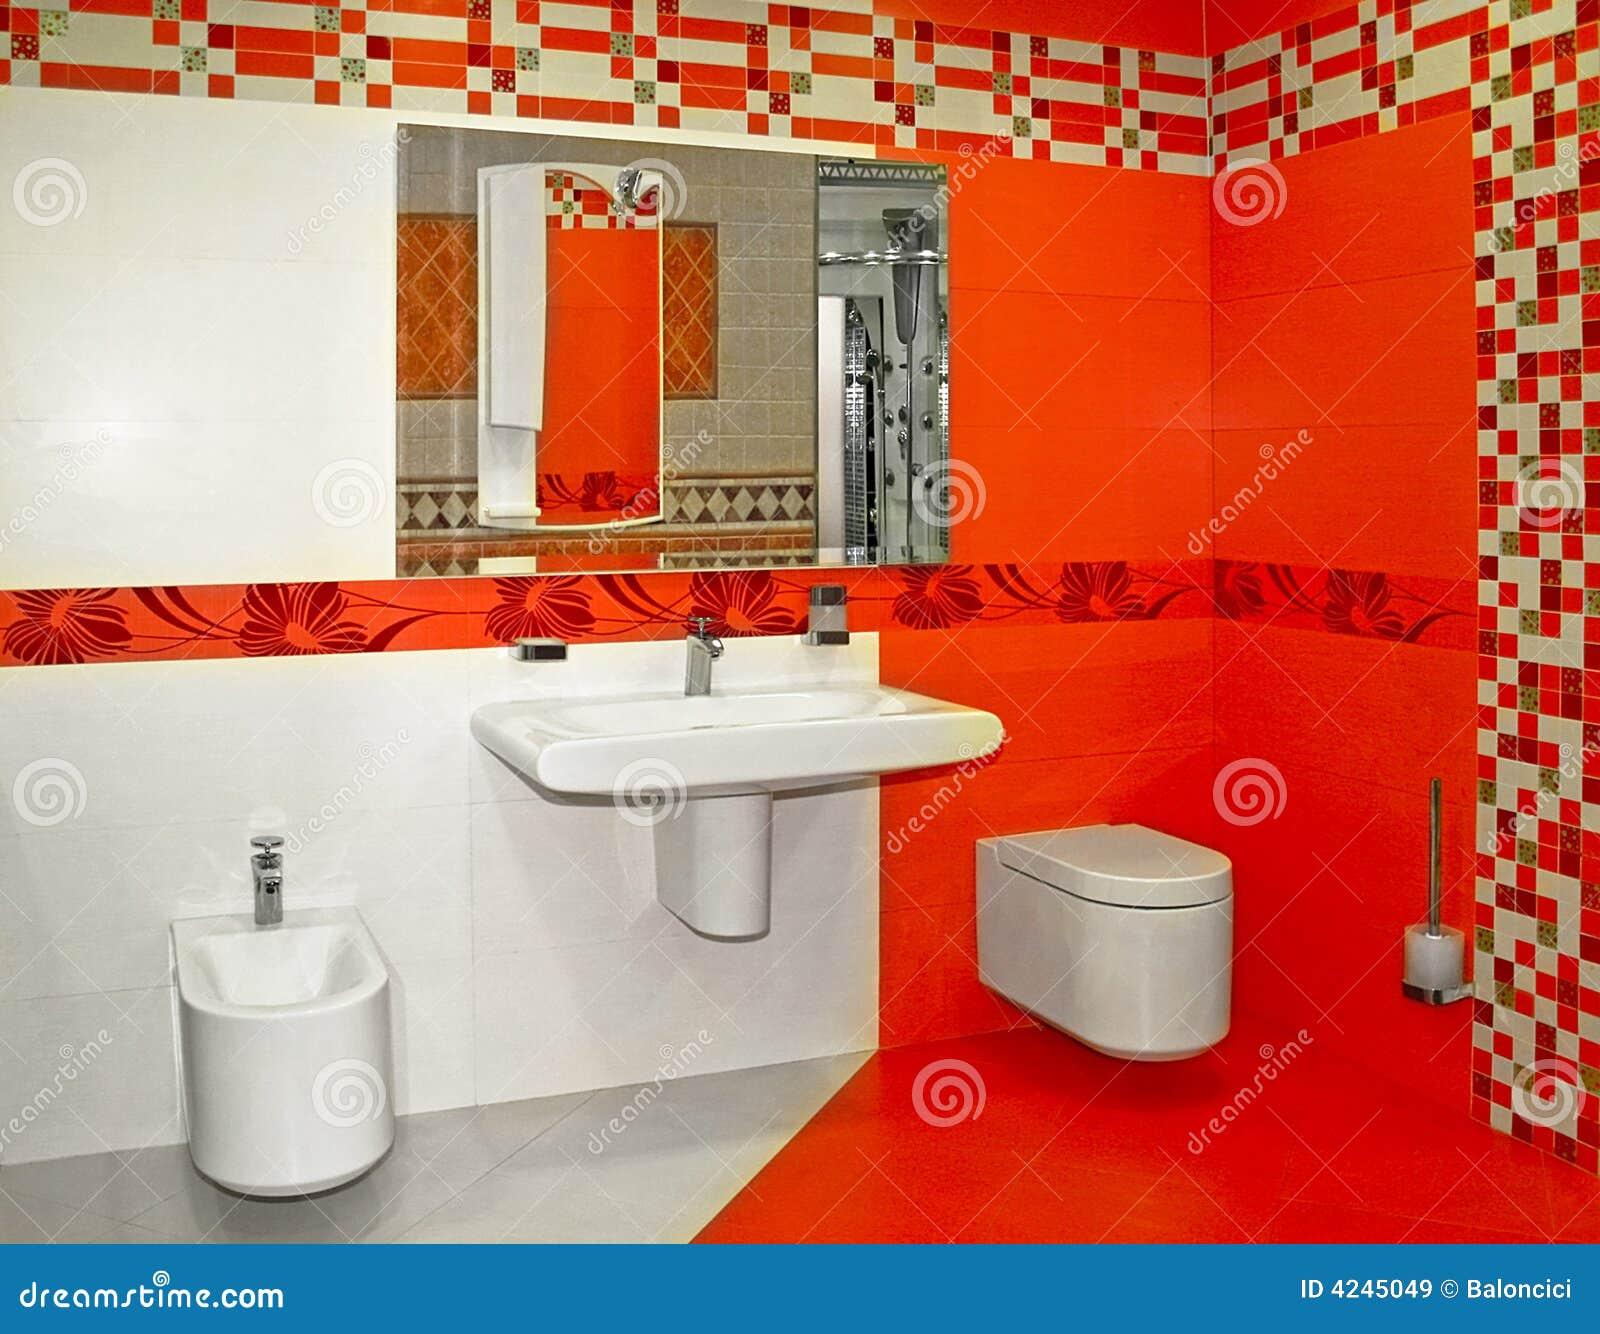 Imagens de Stock Royalty Free: Banheiro vermelho #C61F05 1300 1100